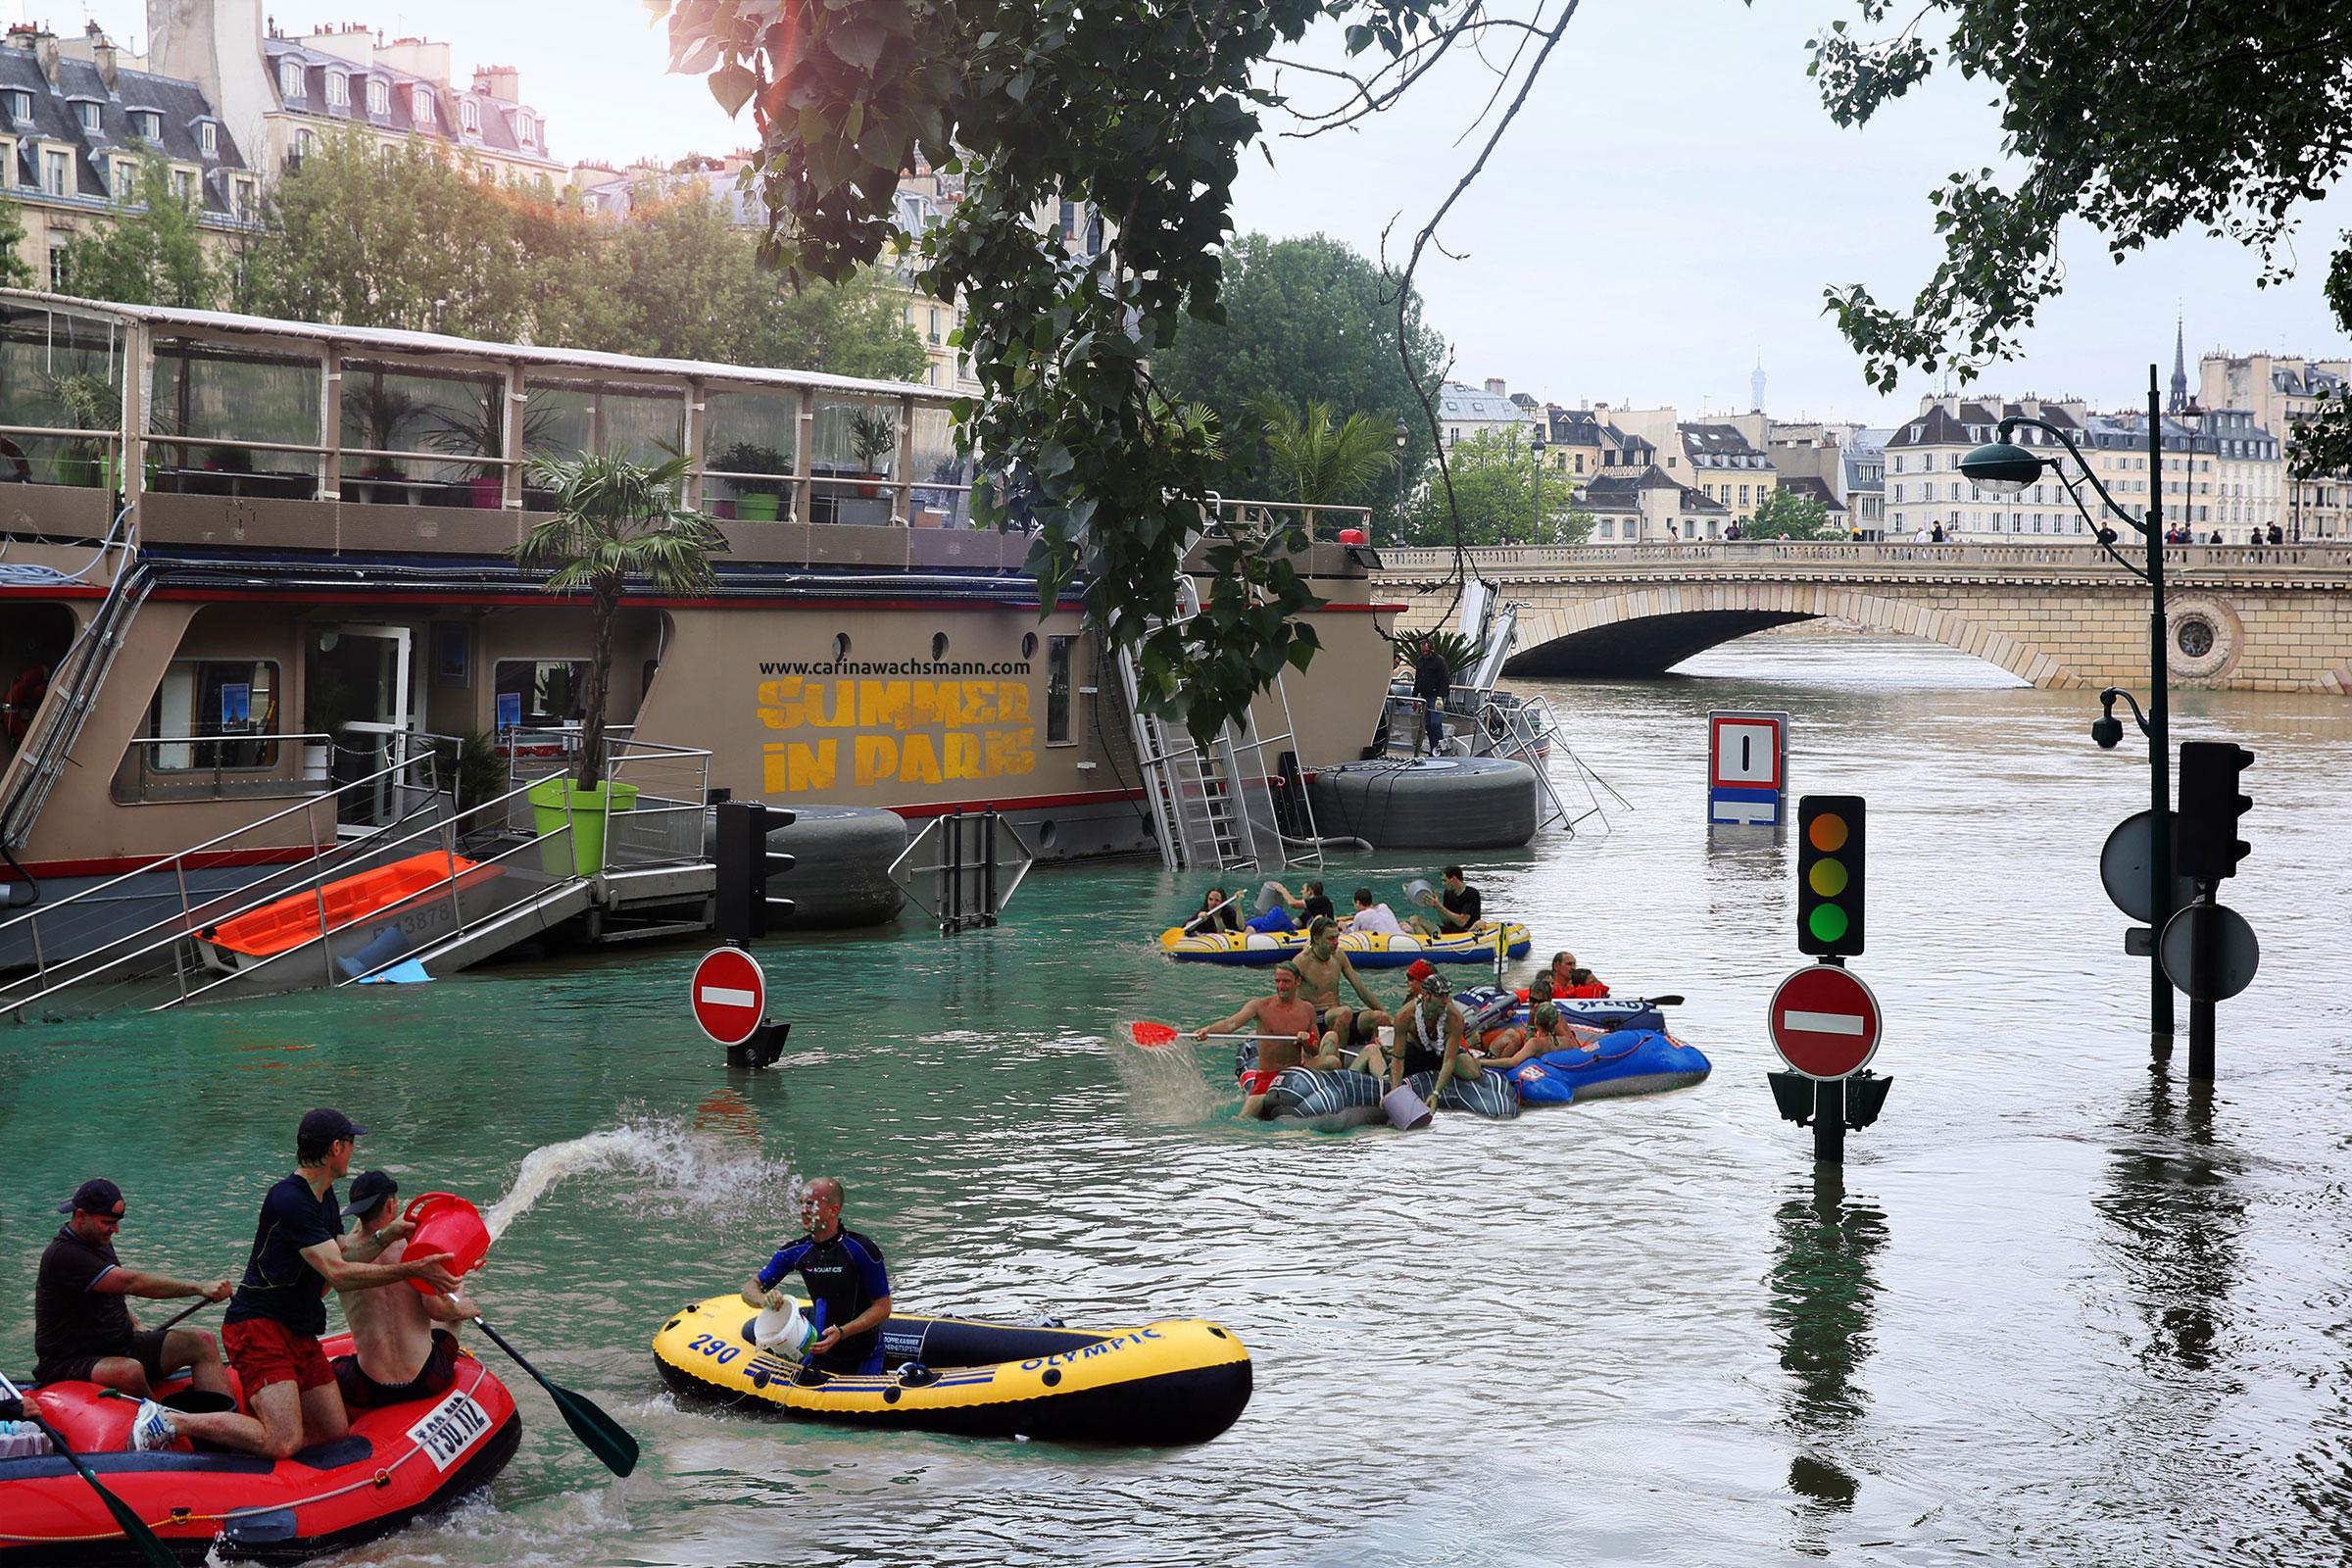 CarinaWachsmann-Paris-Summer-5.jpg